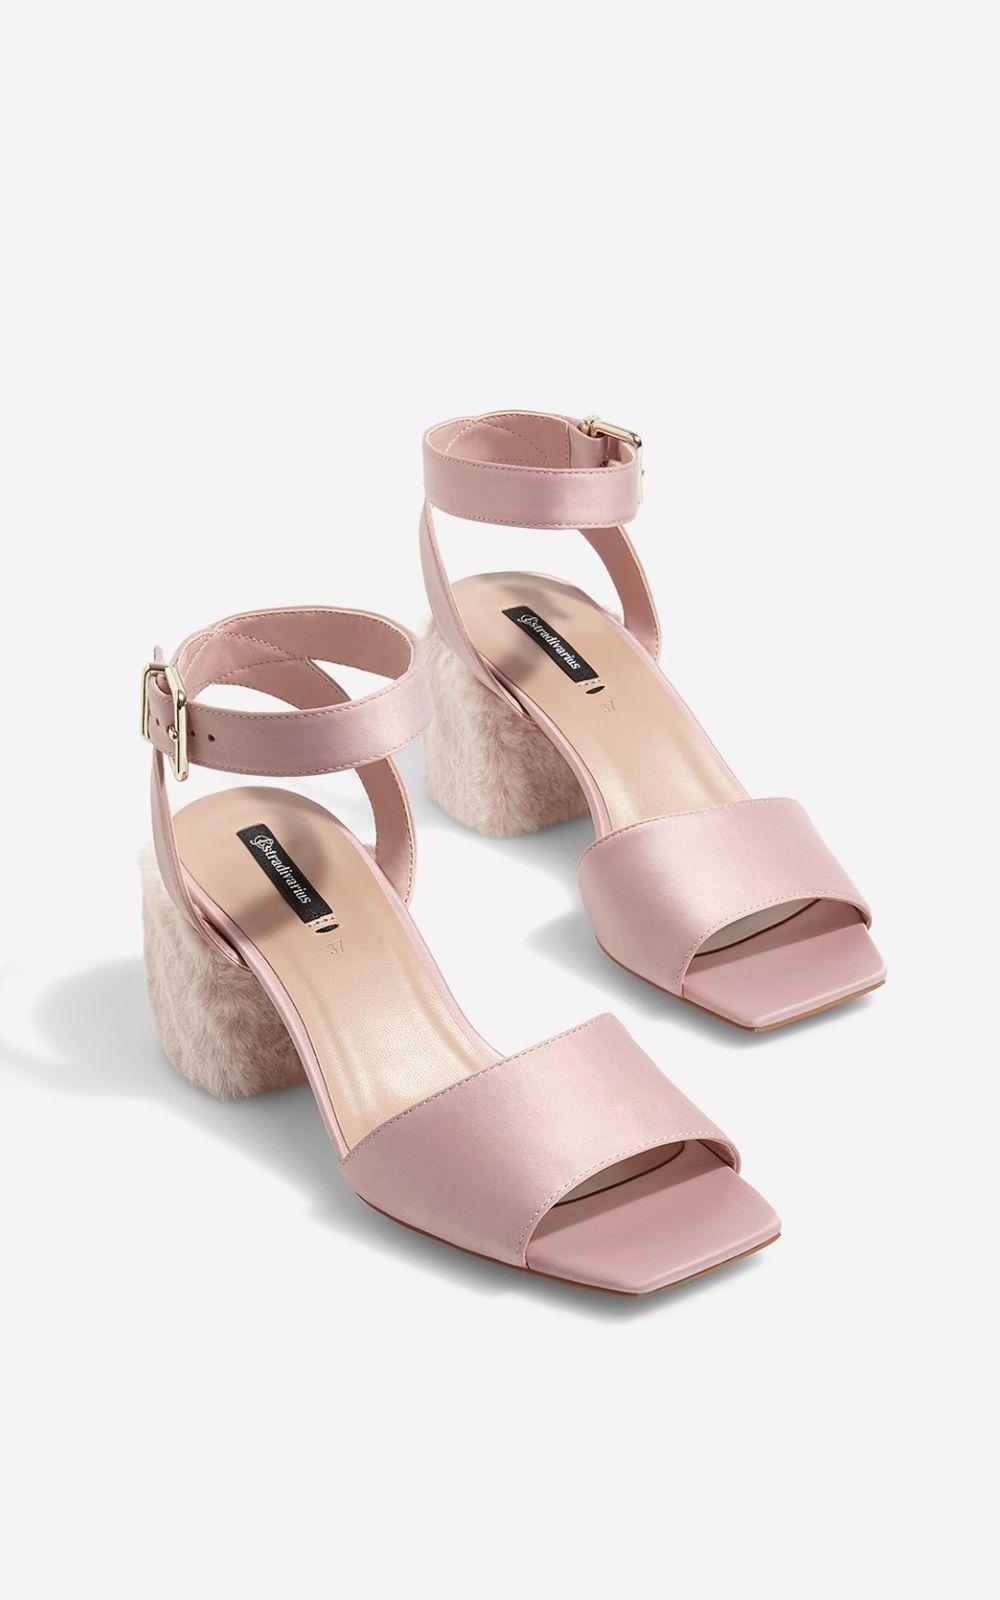 magasiner pour véritable Nouveaux produits gamme exclusive Sandale Stradivarius - Verdict.ro